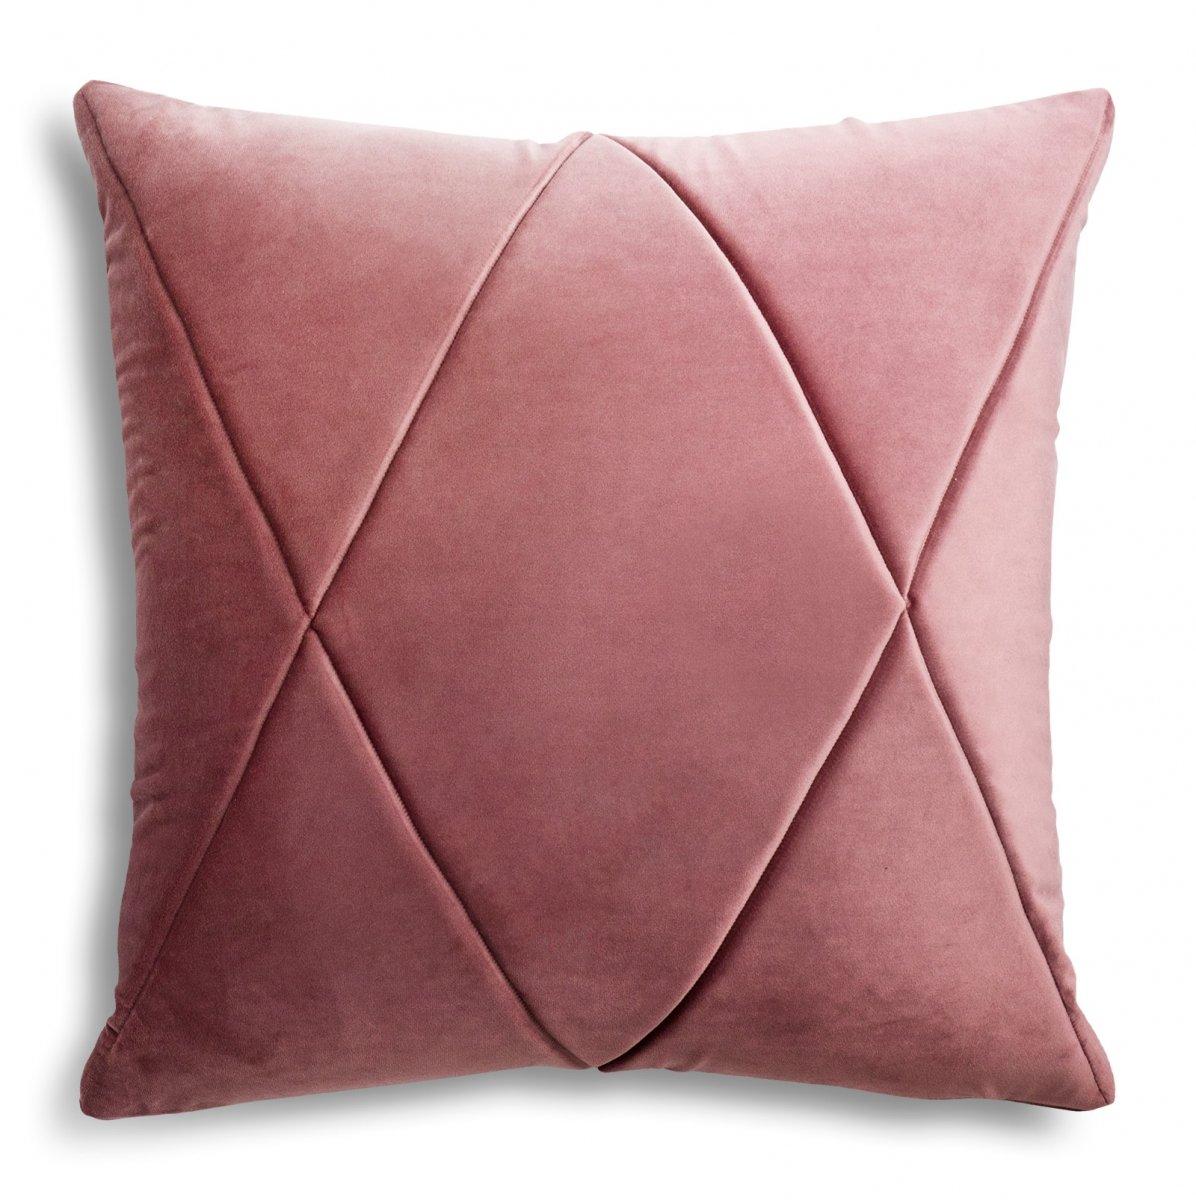 Touch poduszka dekoracyjna różowa 45x45 MOODI